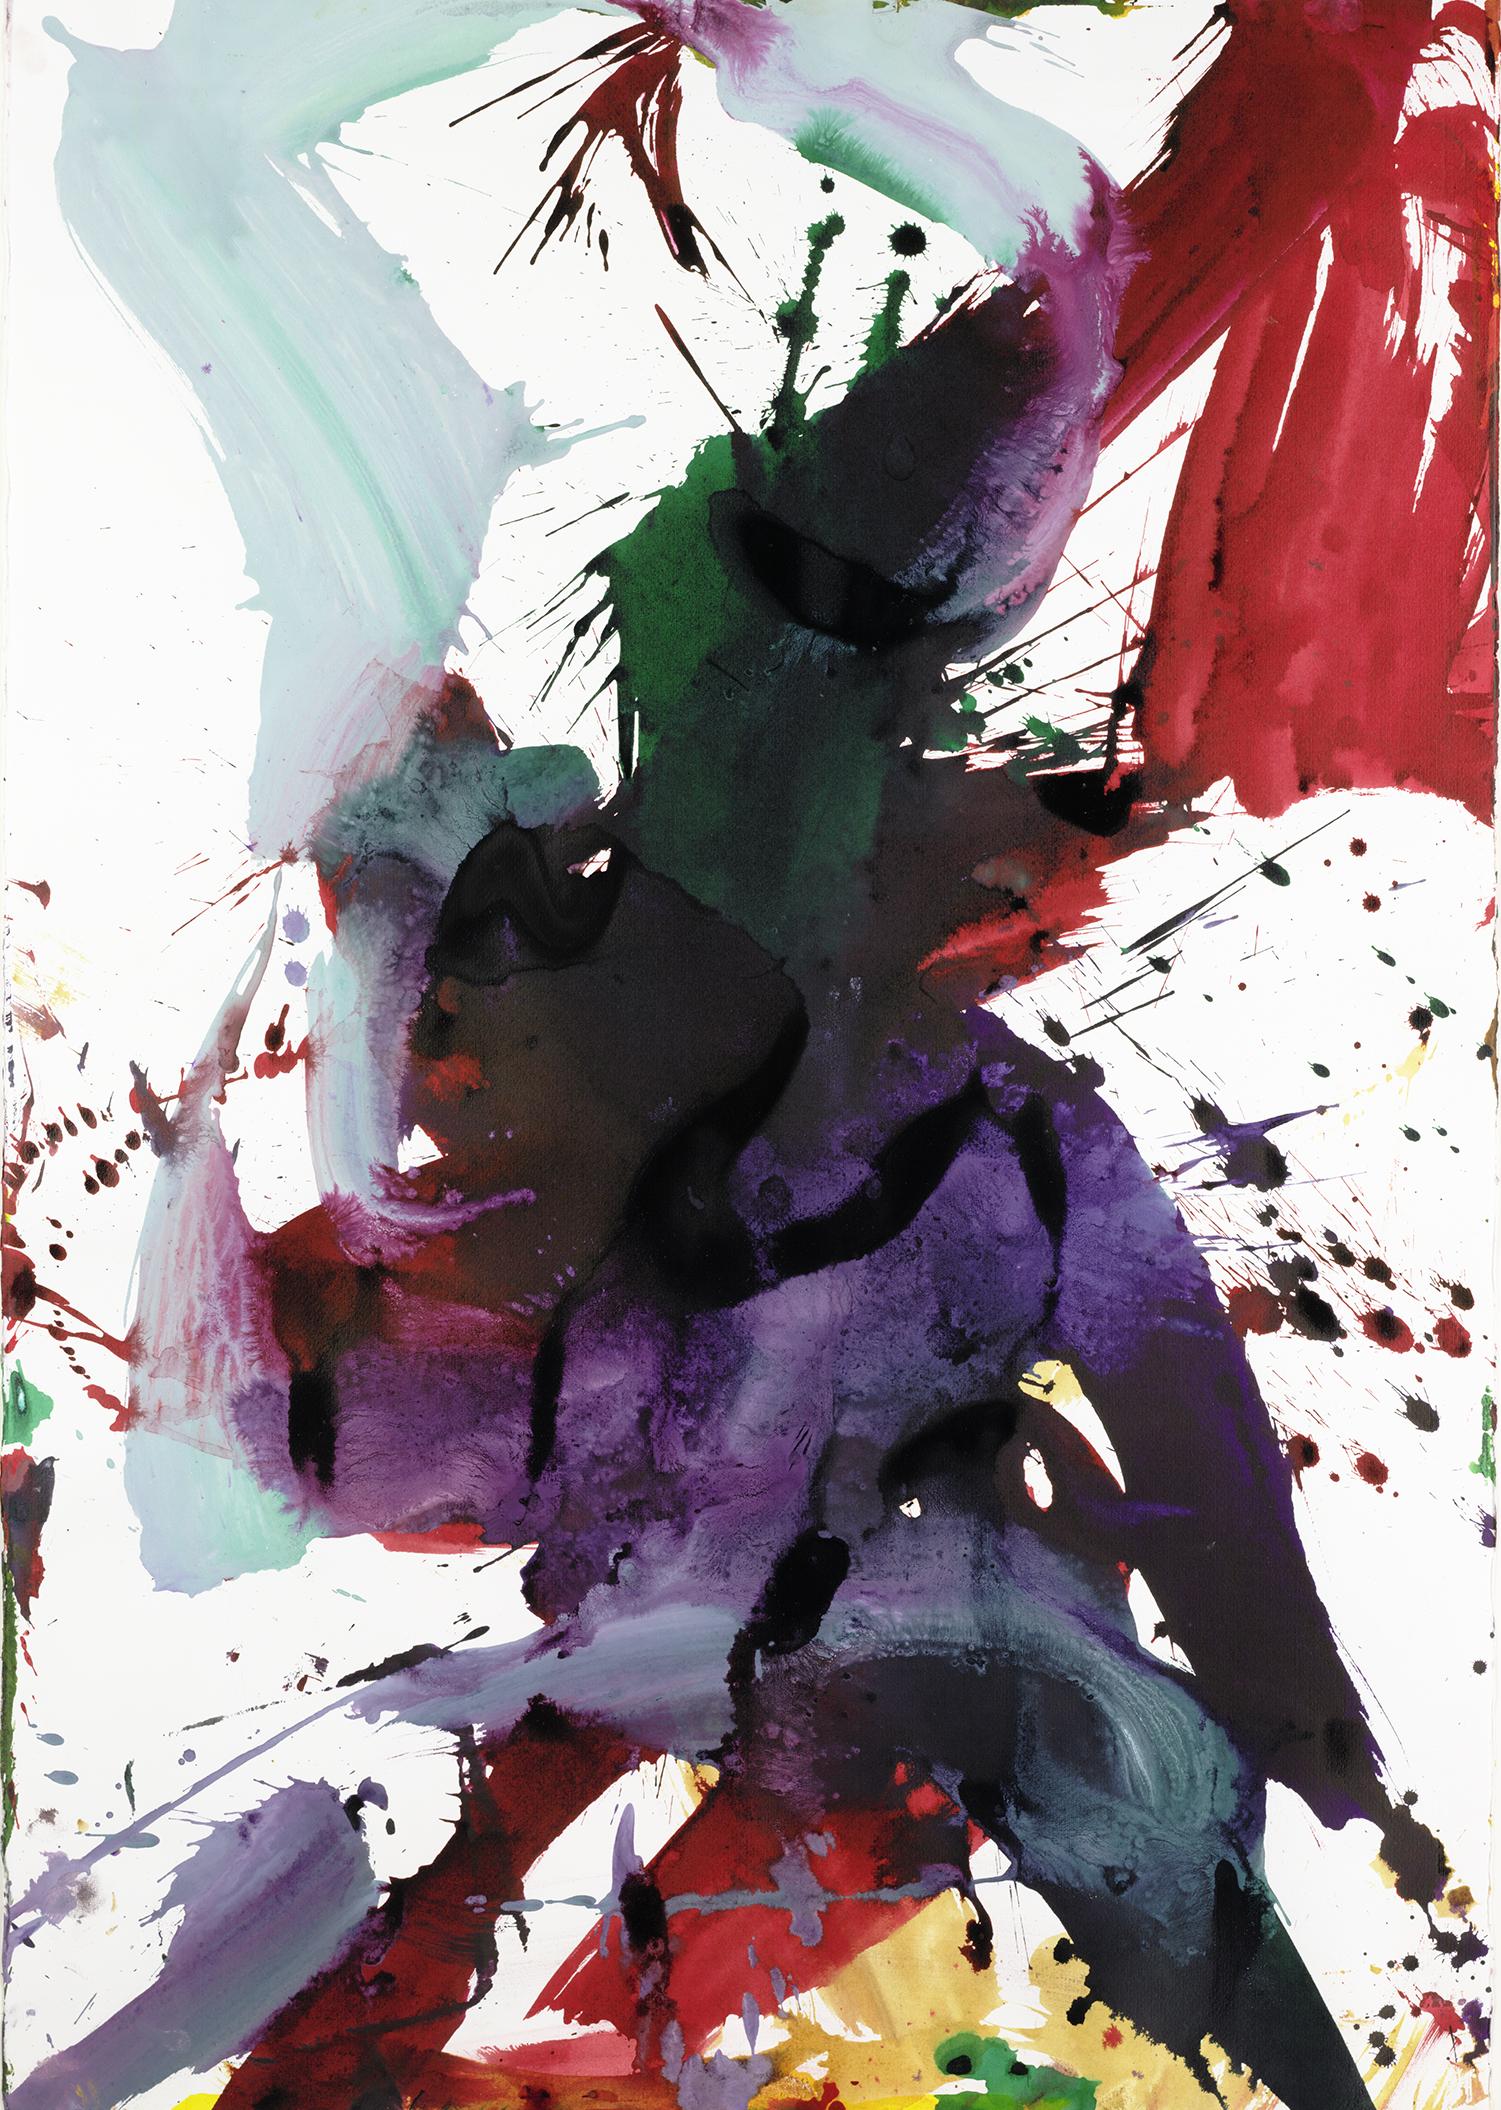 Abstraktion in Österreich, Franz Grabmayr, Tanzblatt, Mischtechnik, 2002, © Albertina, Wien